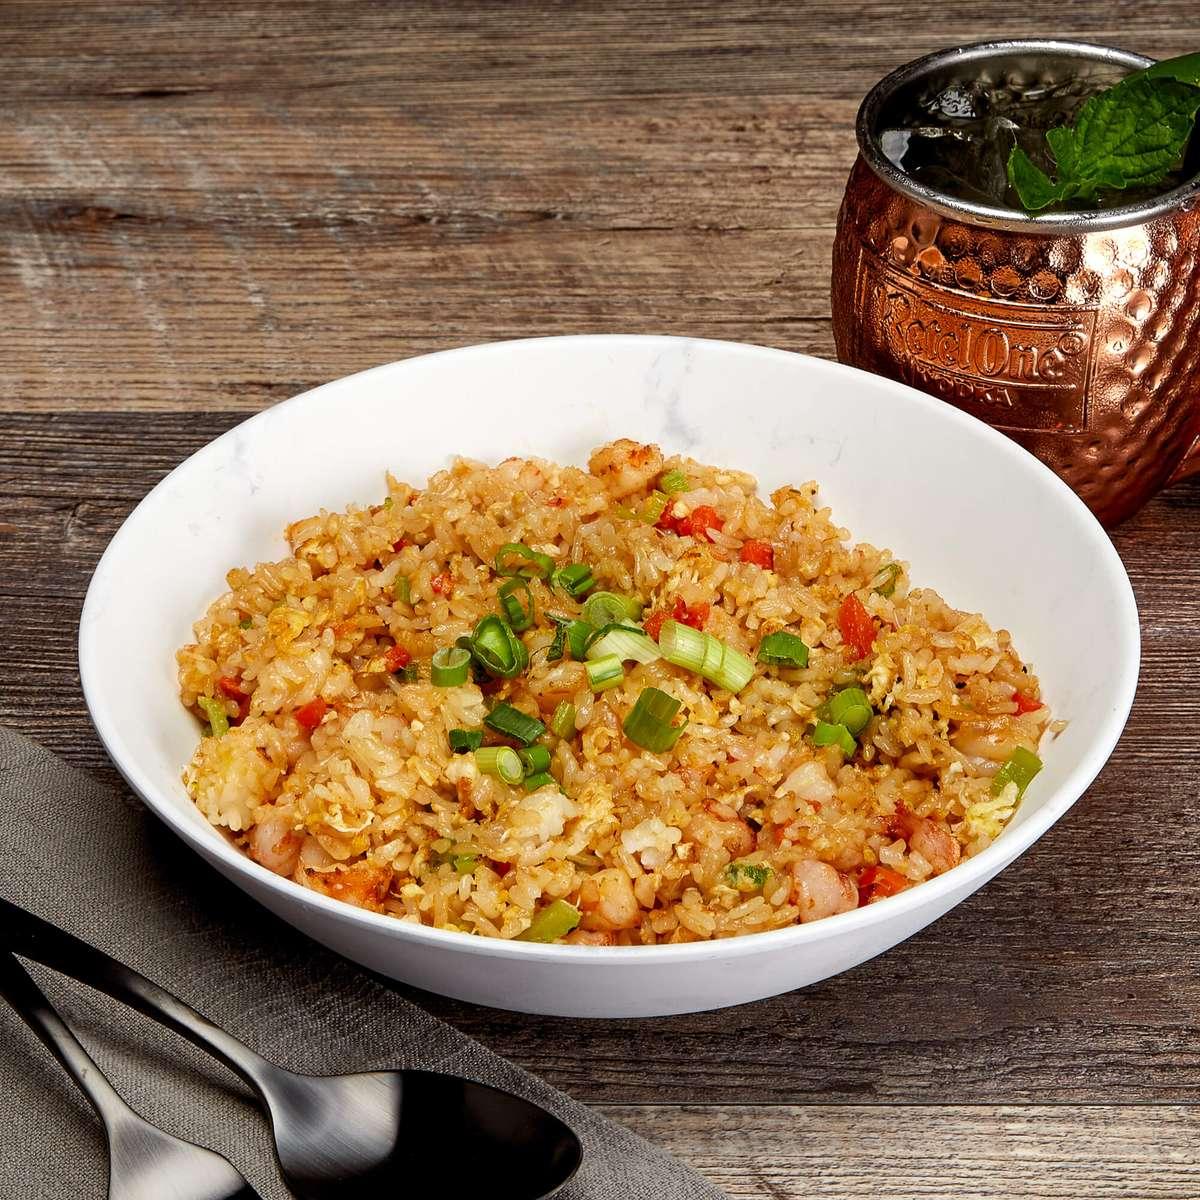 Cerritos Fried Rice